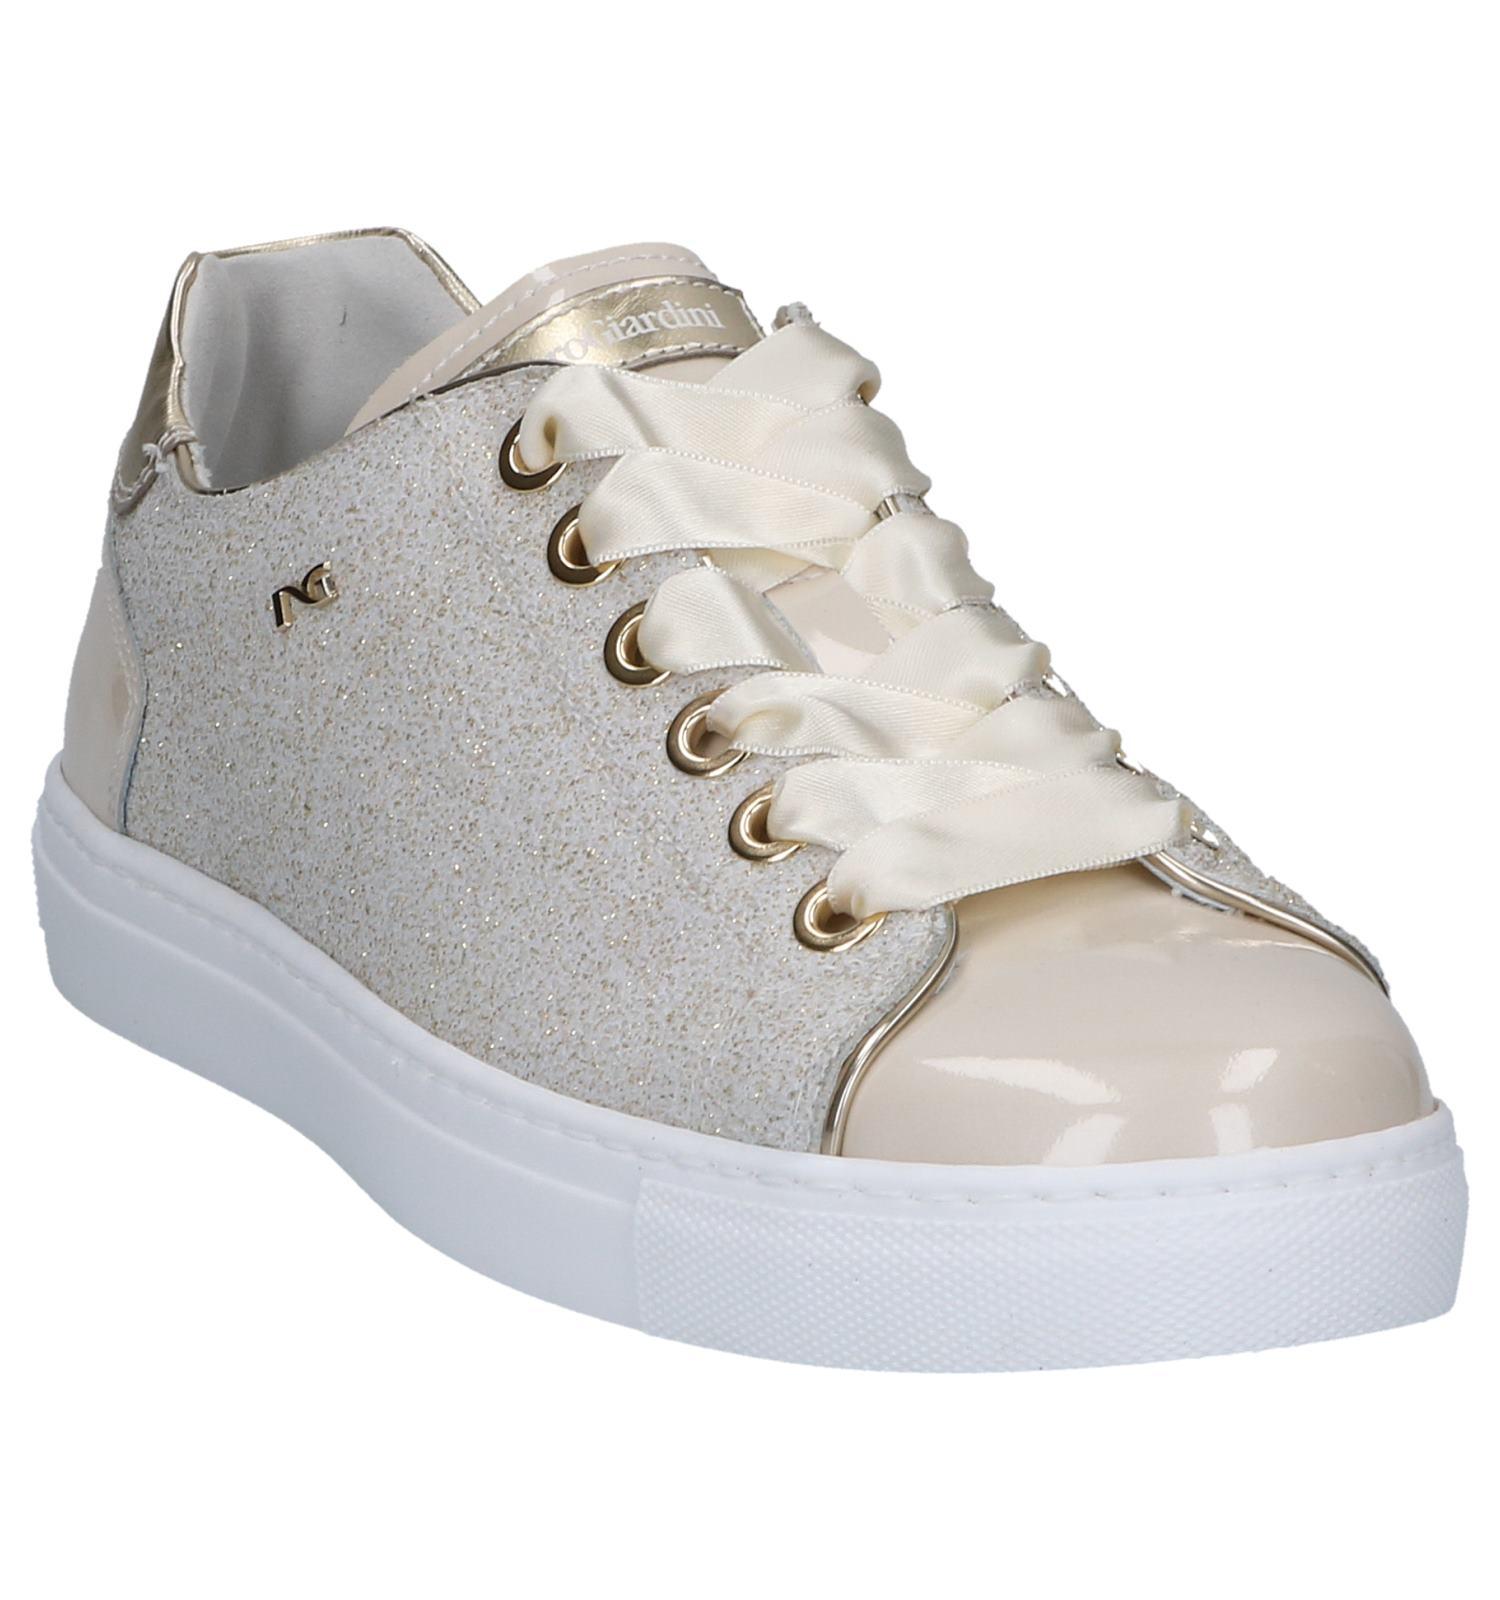 Nerogiardini Goud Goud Geklede Sneakers beige beige 3R5jL4A